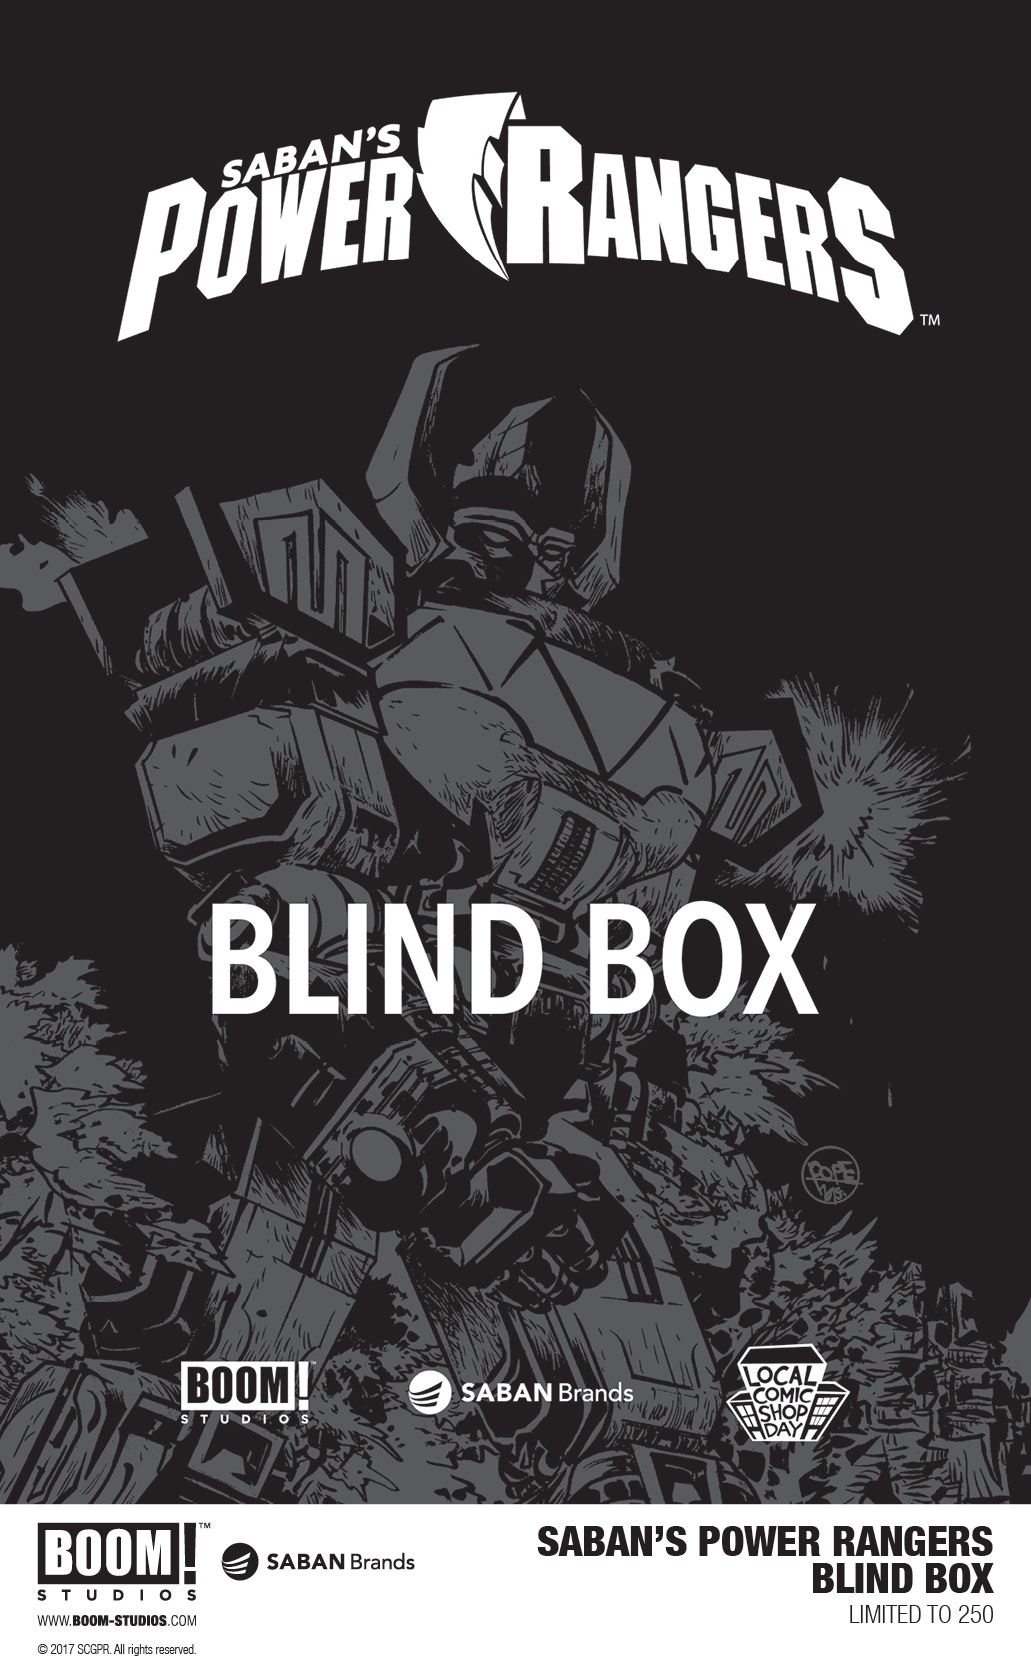 Power Ranger Blind Box